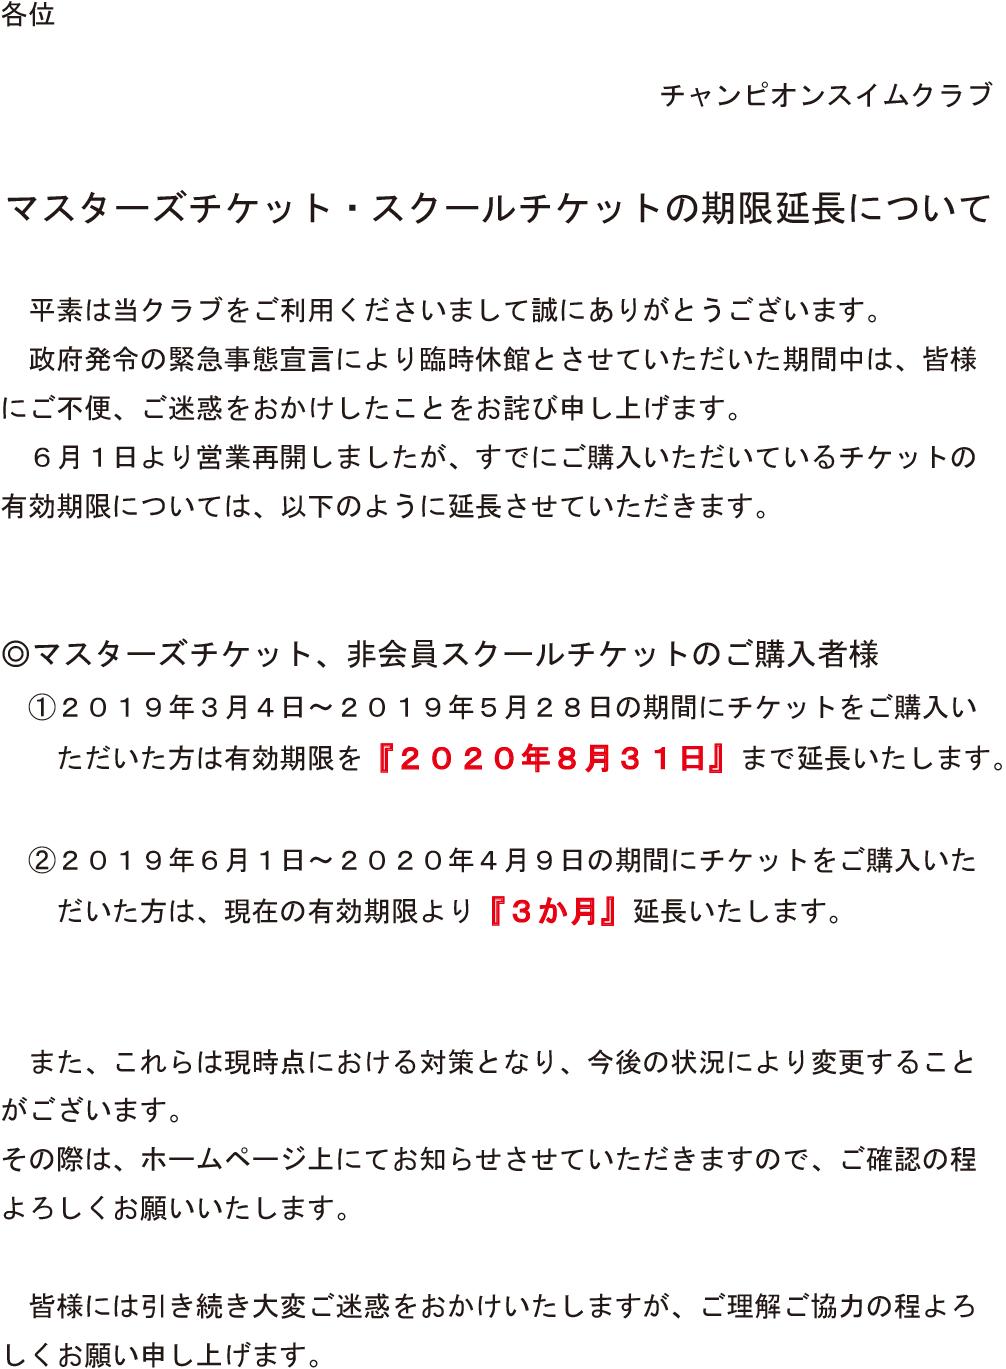 2020年チケット期間延長.ai